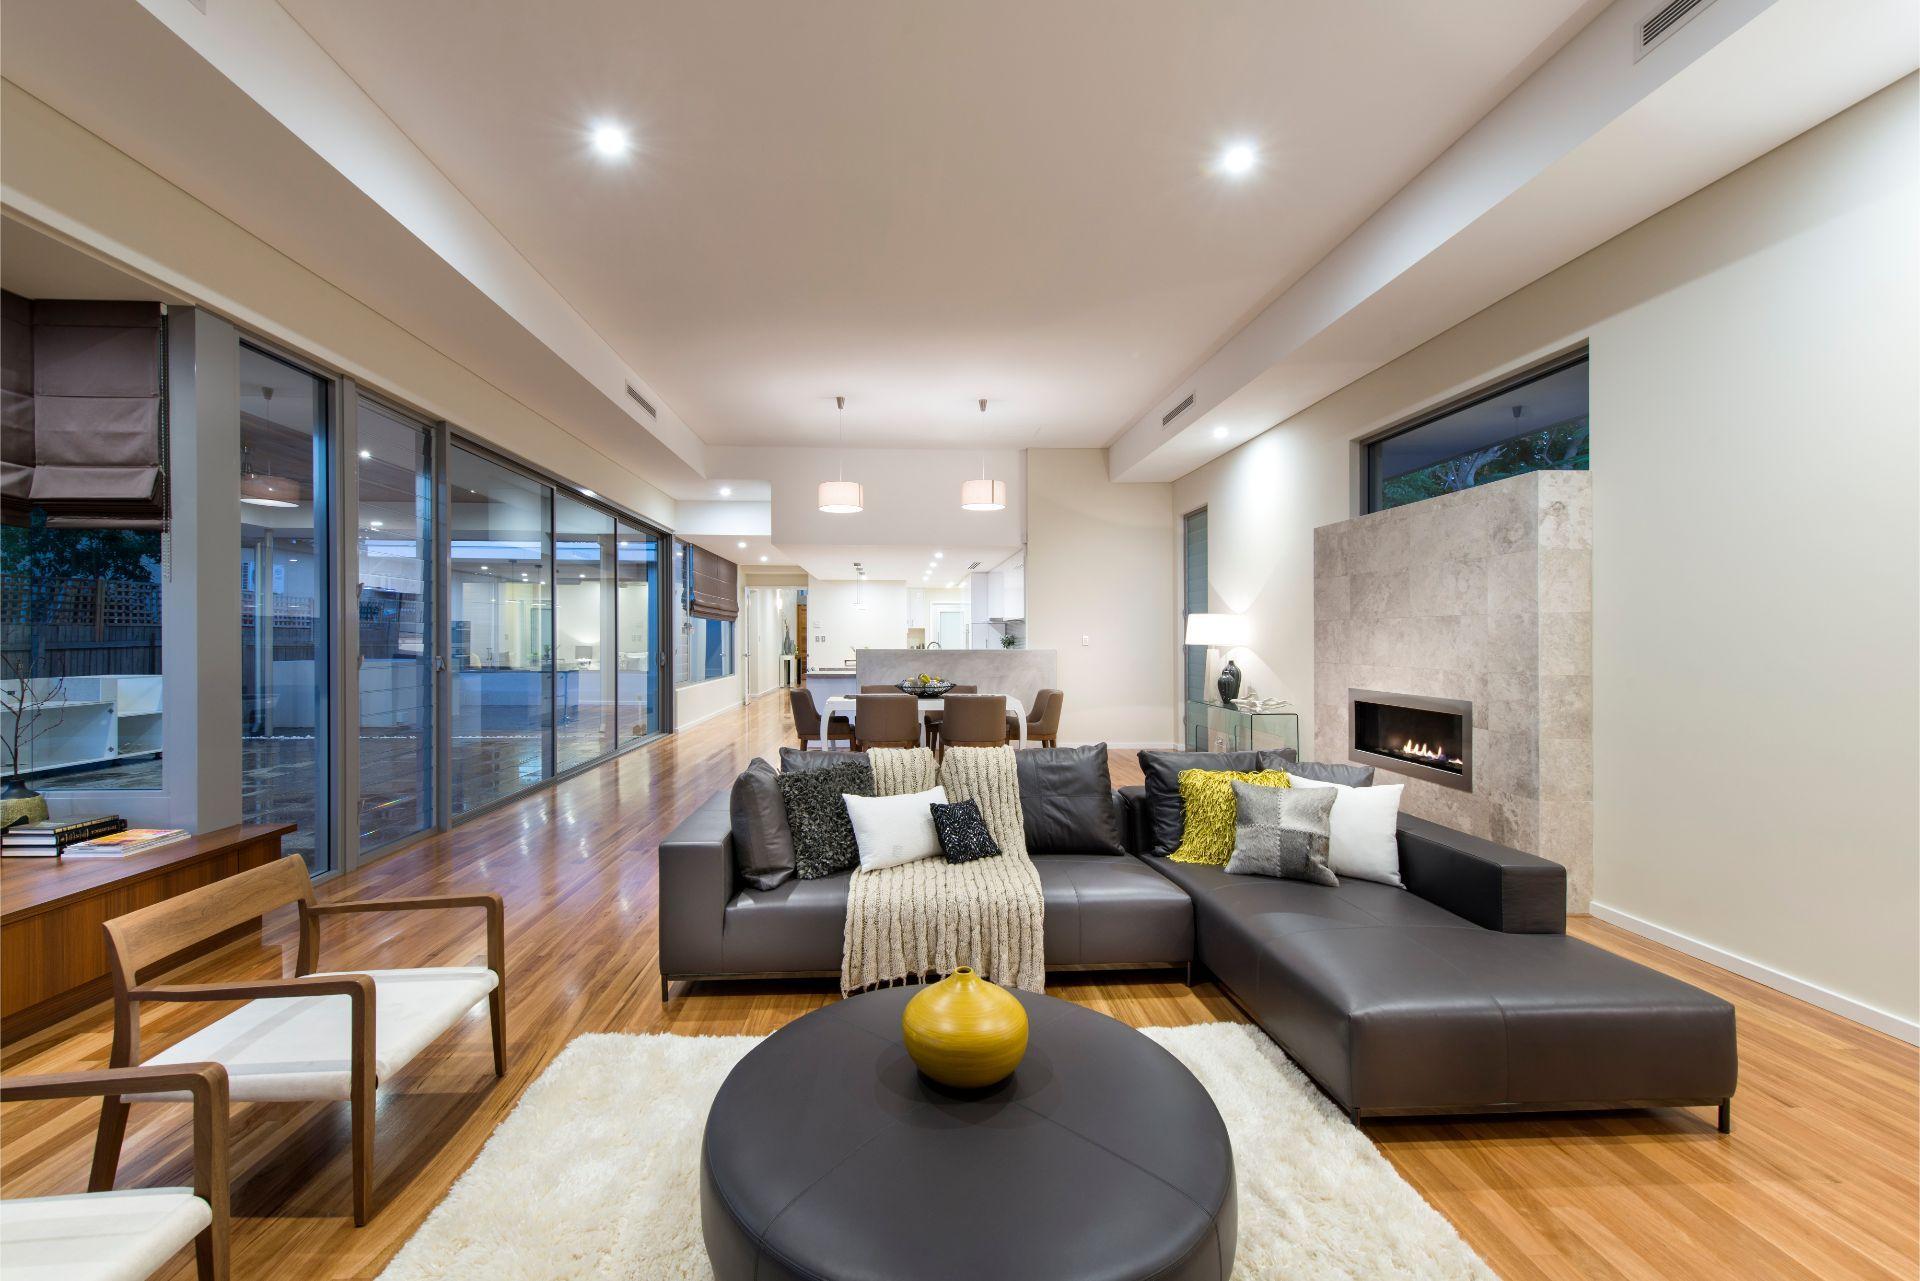 The george-residence-luxury-perth.jpg